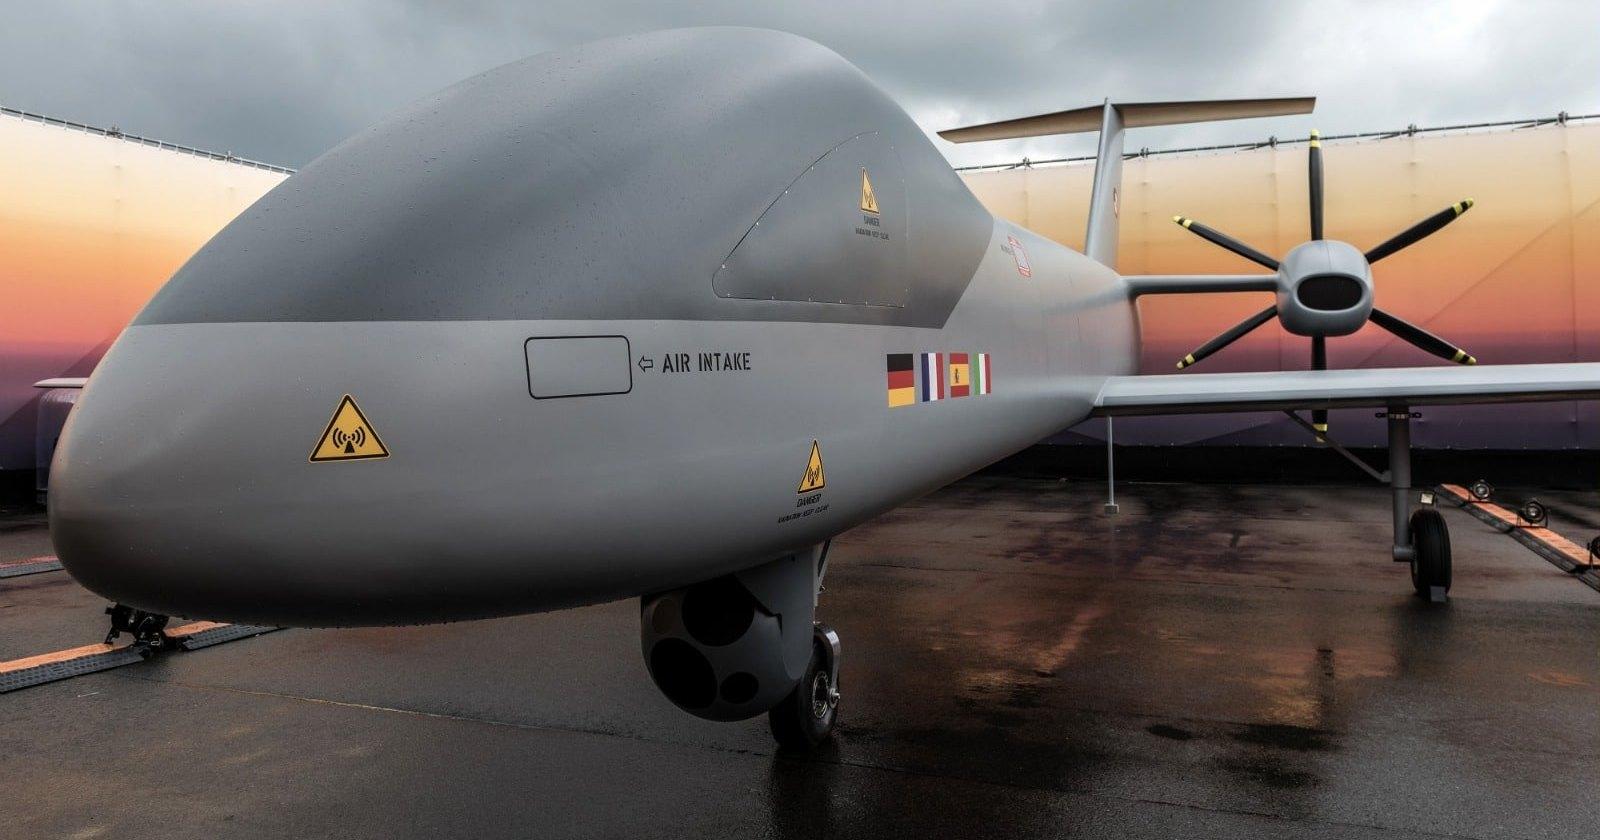 Эскизный проект ударного беспилотника утверждён